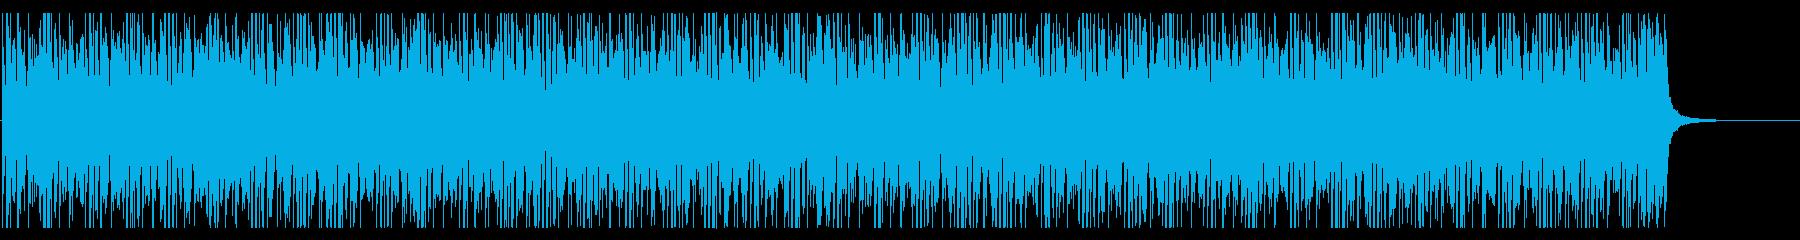 明るくてシンプルな曲調のエレクトロニックの再生済みの波形